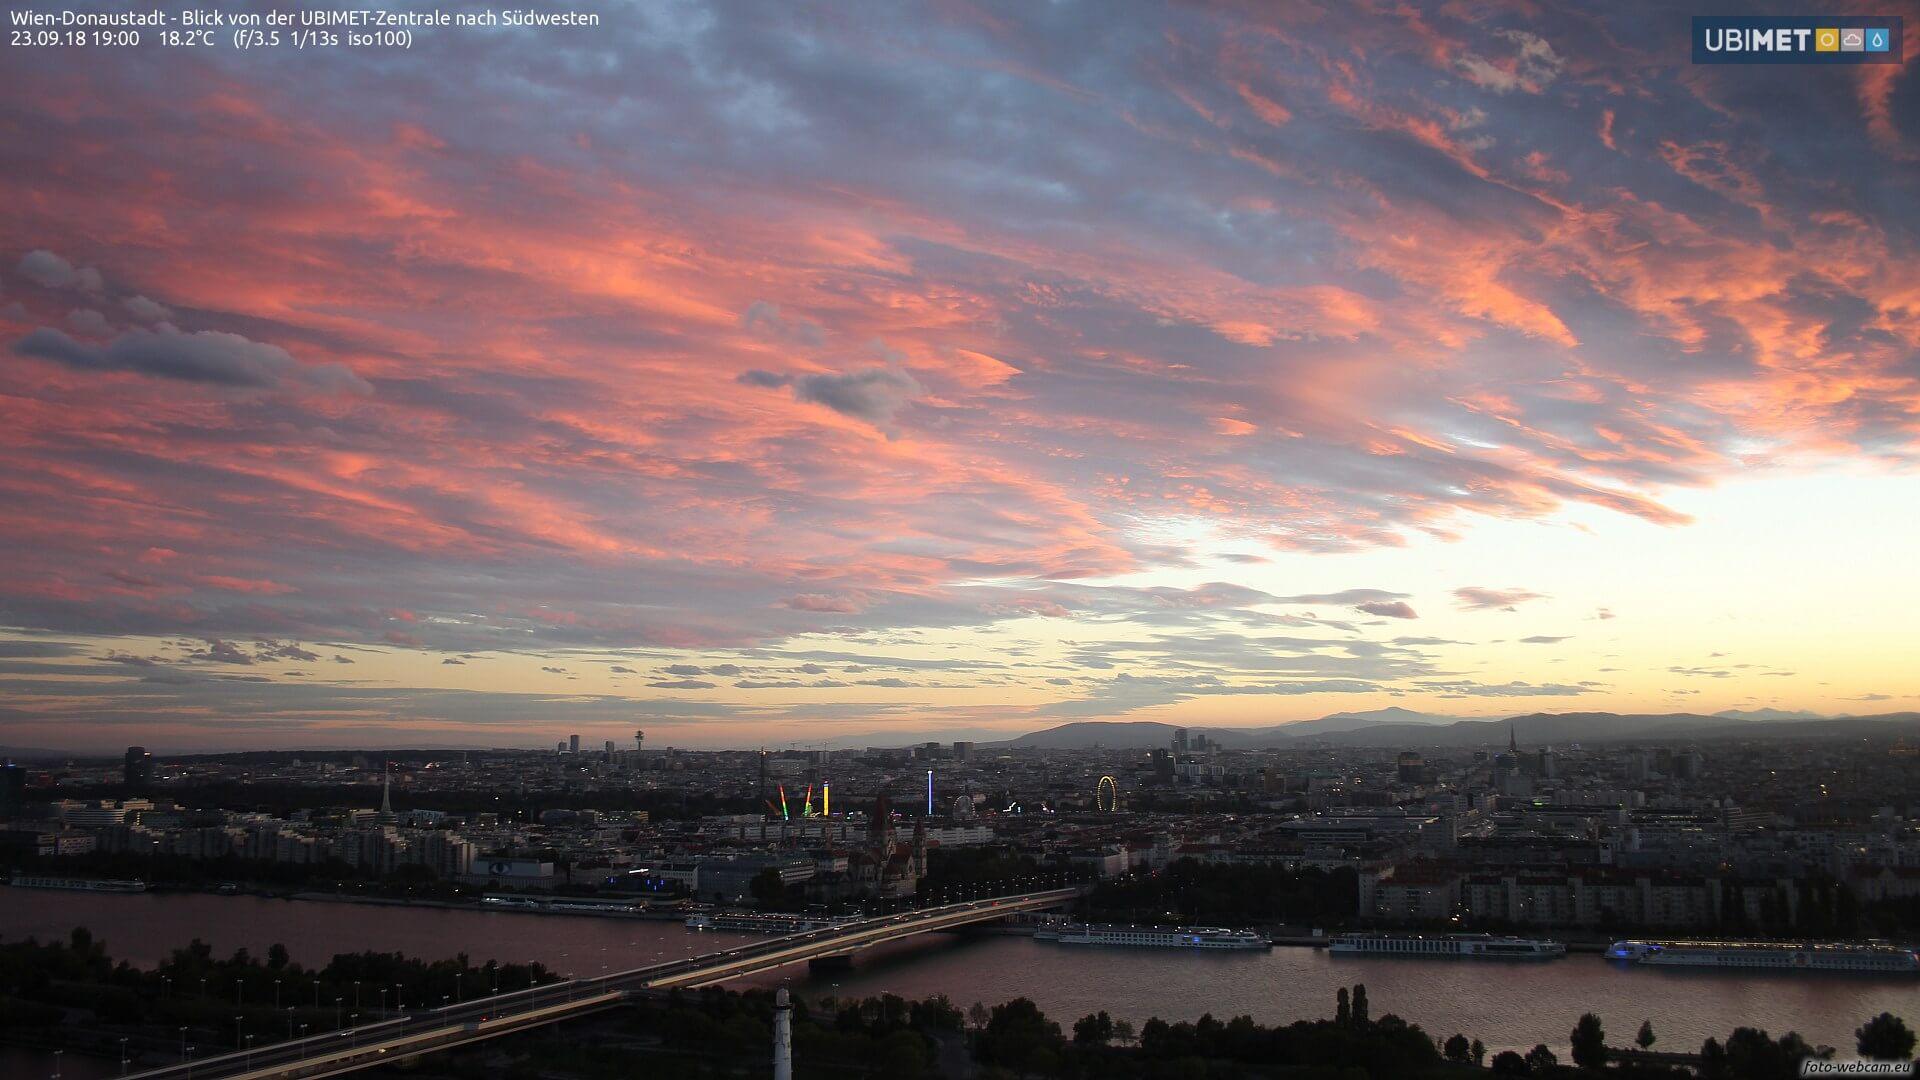 Wolkenstimmung über Wien vor dem Durchzug des Sturmtiefs Fabienne am 23.9.2018